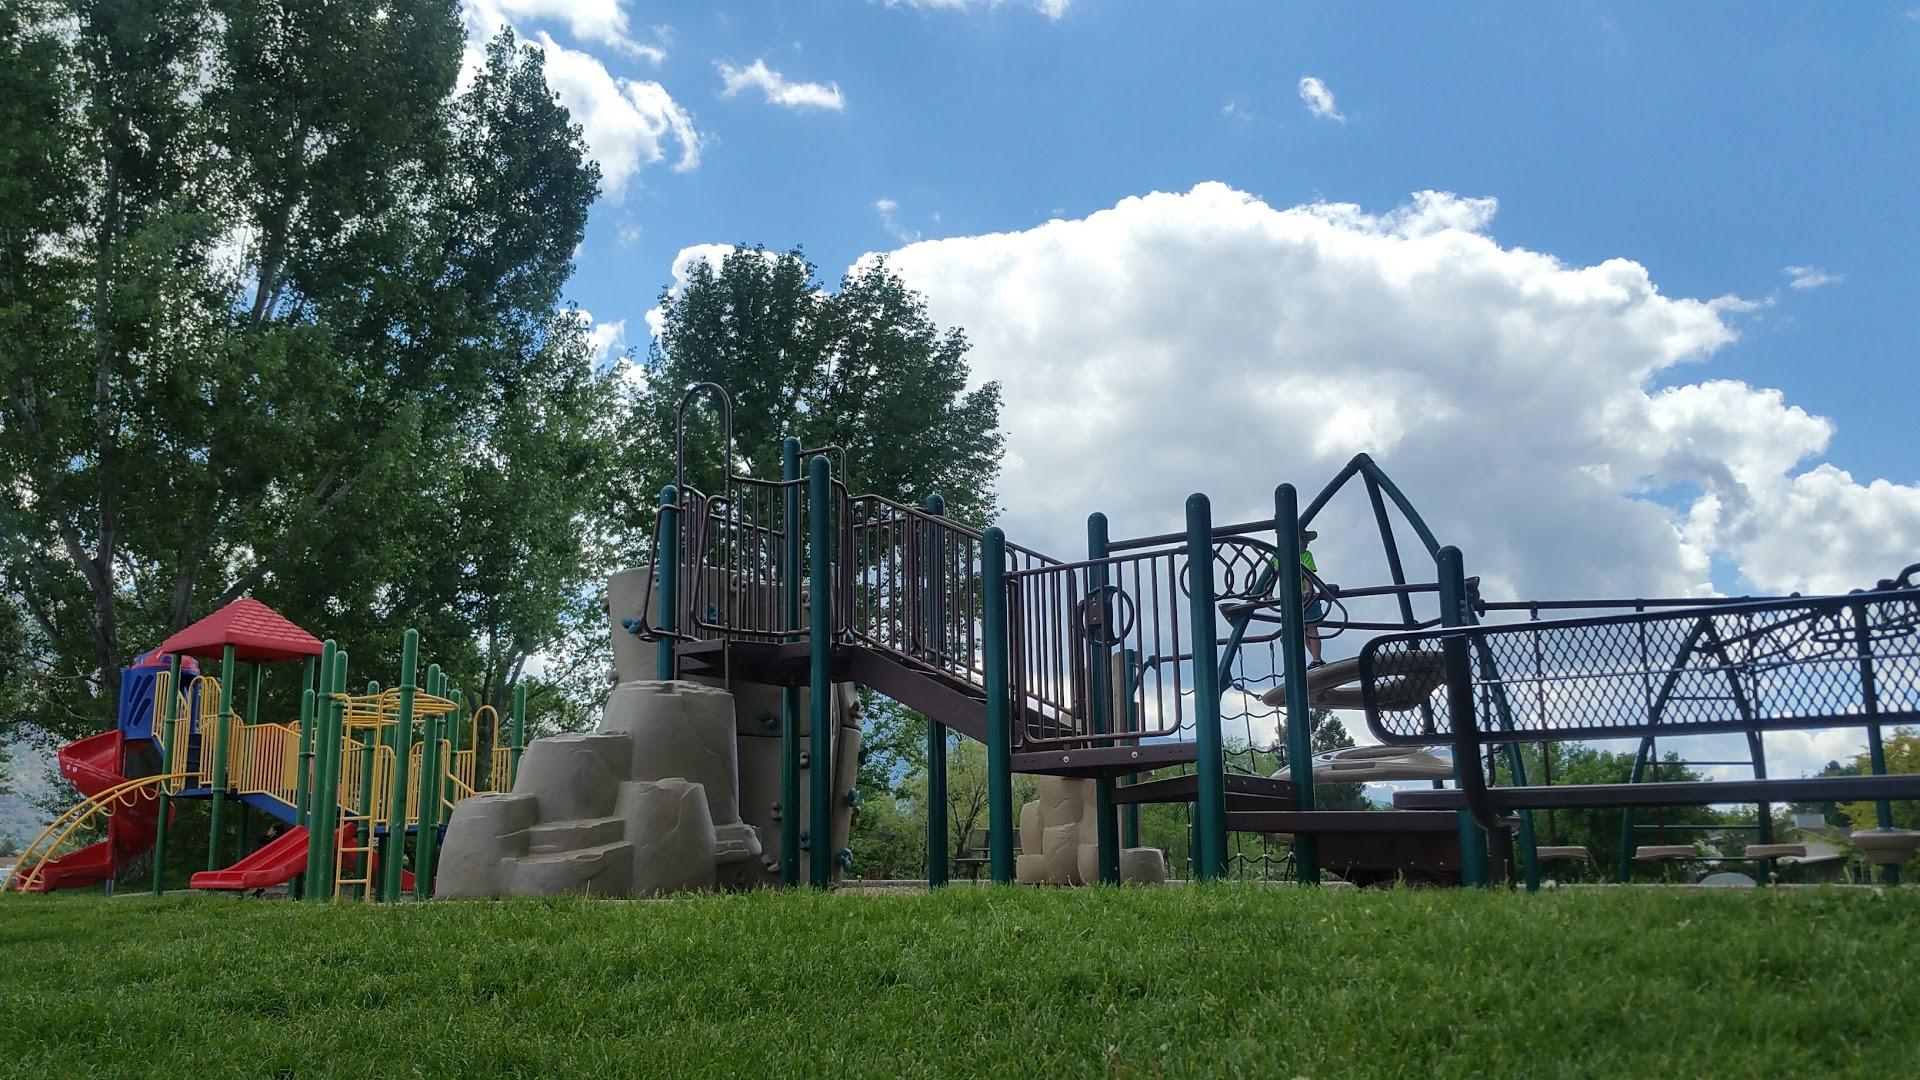 Harrisville Park